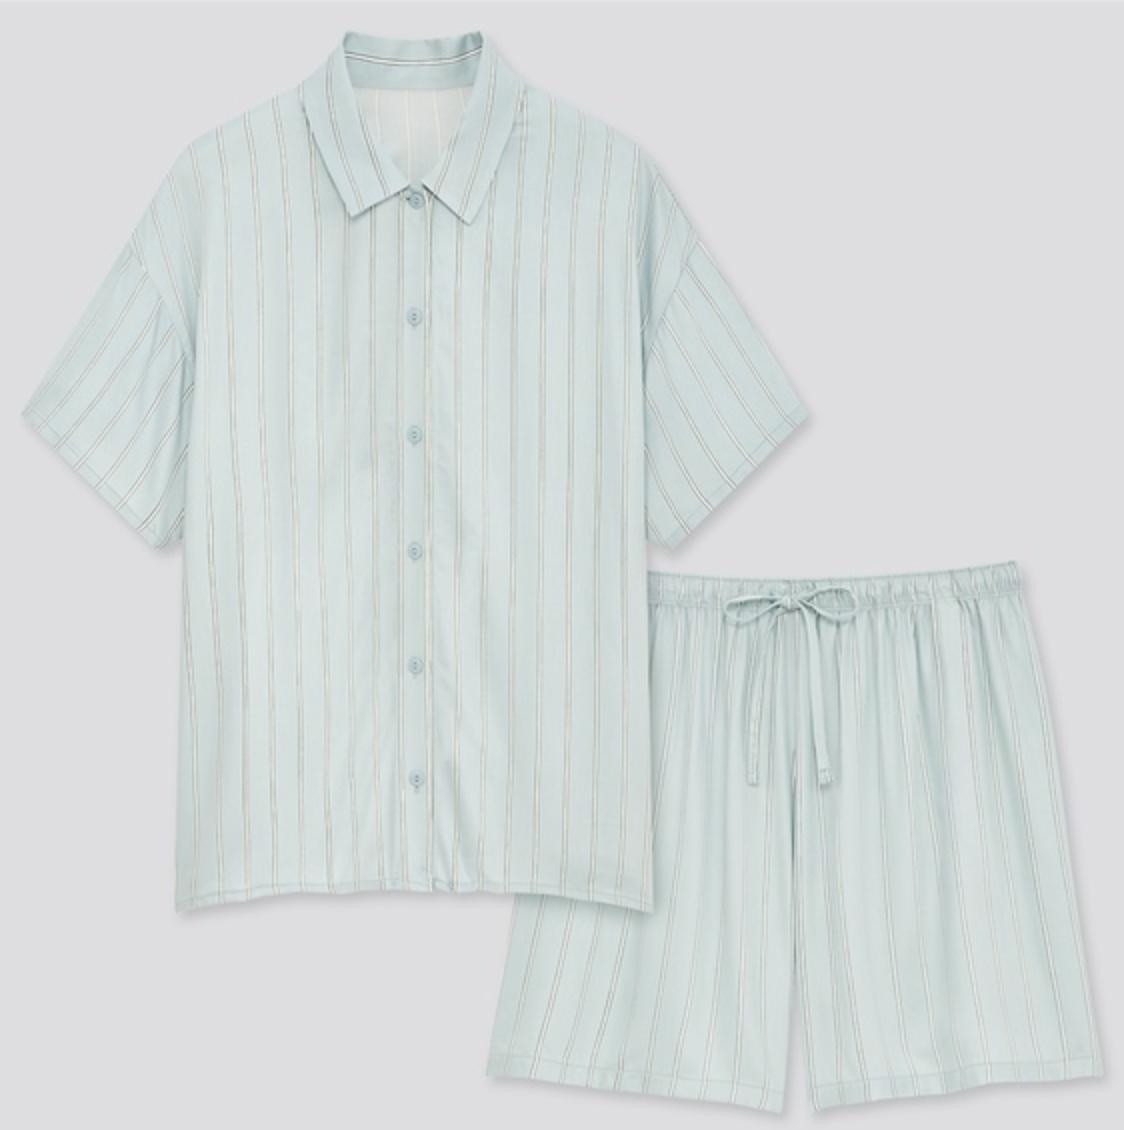 Jisoo diện bộ pyjama gần 3 triệu, chị em thích thì sắm mấy bộ tương tự giá chỉ vài trăm này - Ảnh 4.